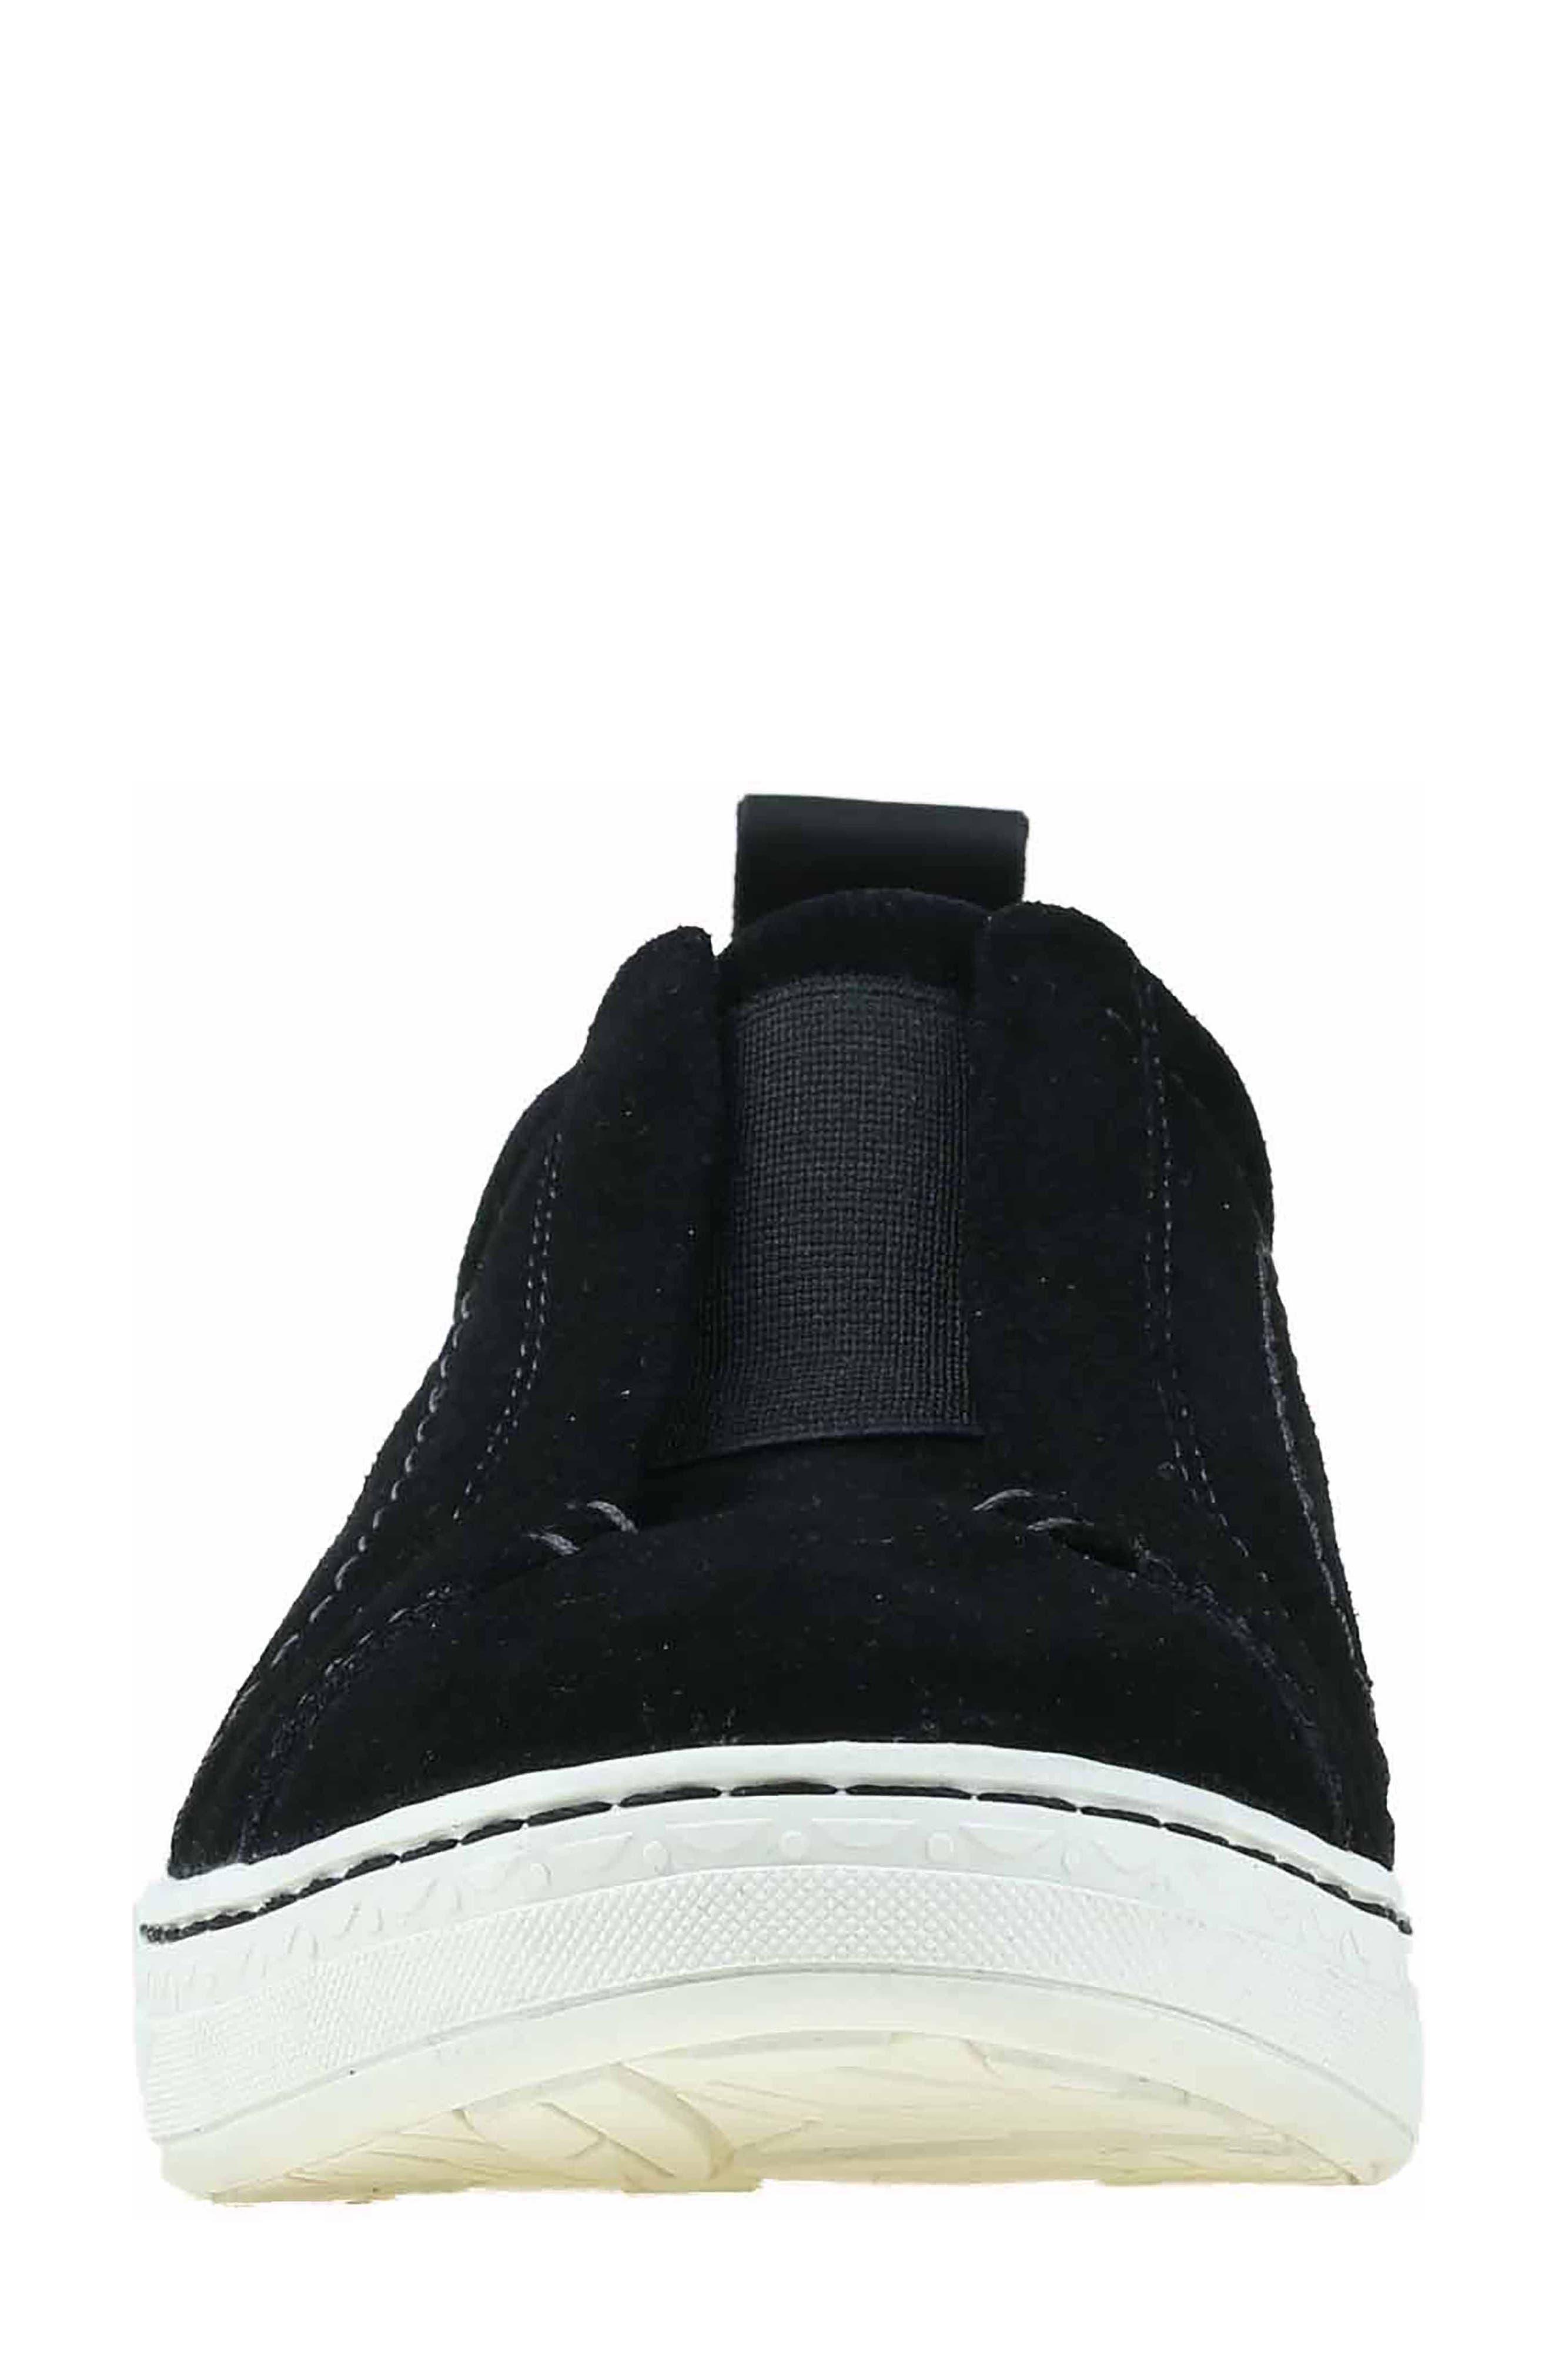 Zetta Slip-On Sneaker,                             Alternate thumbnail 4, color,                             003